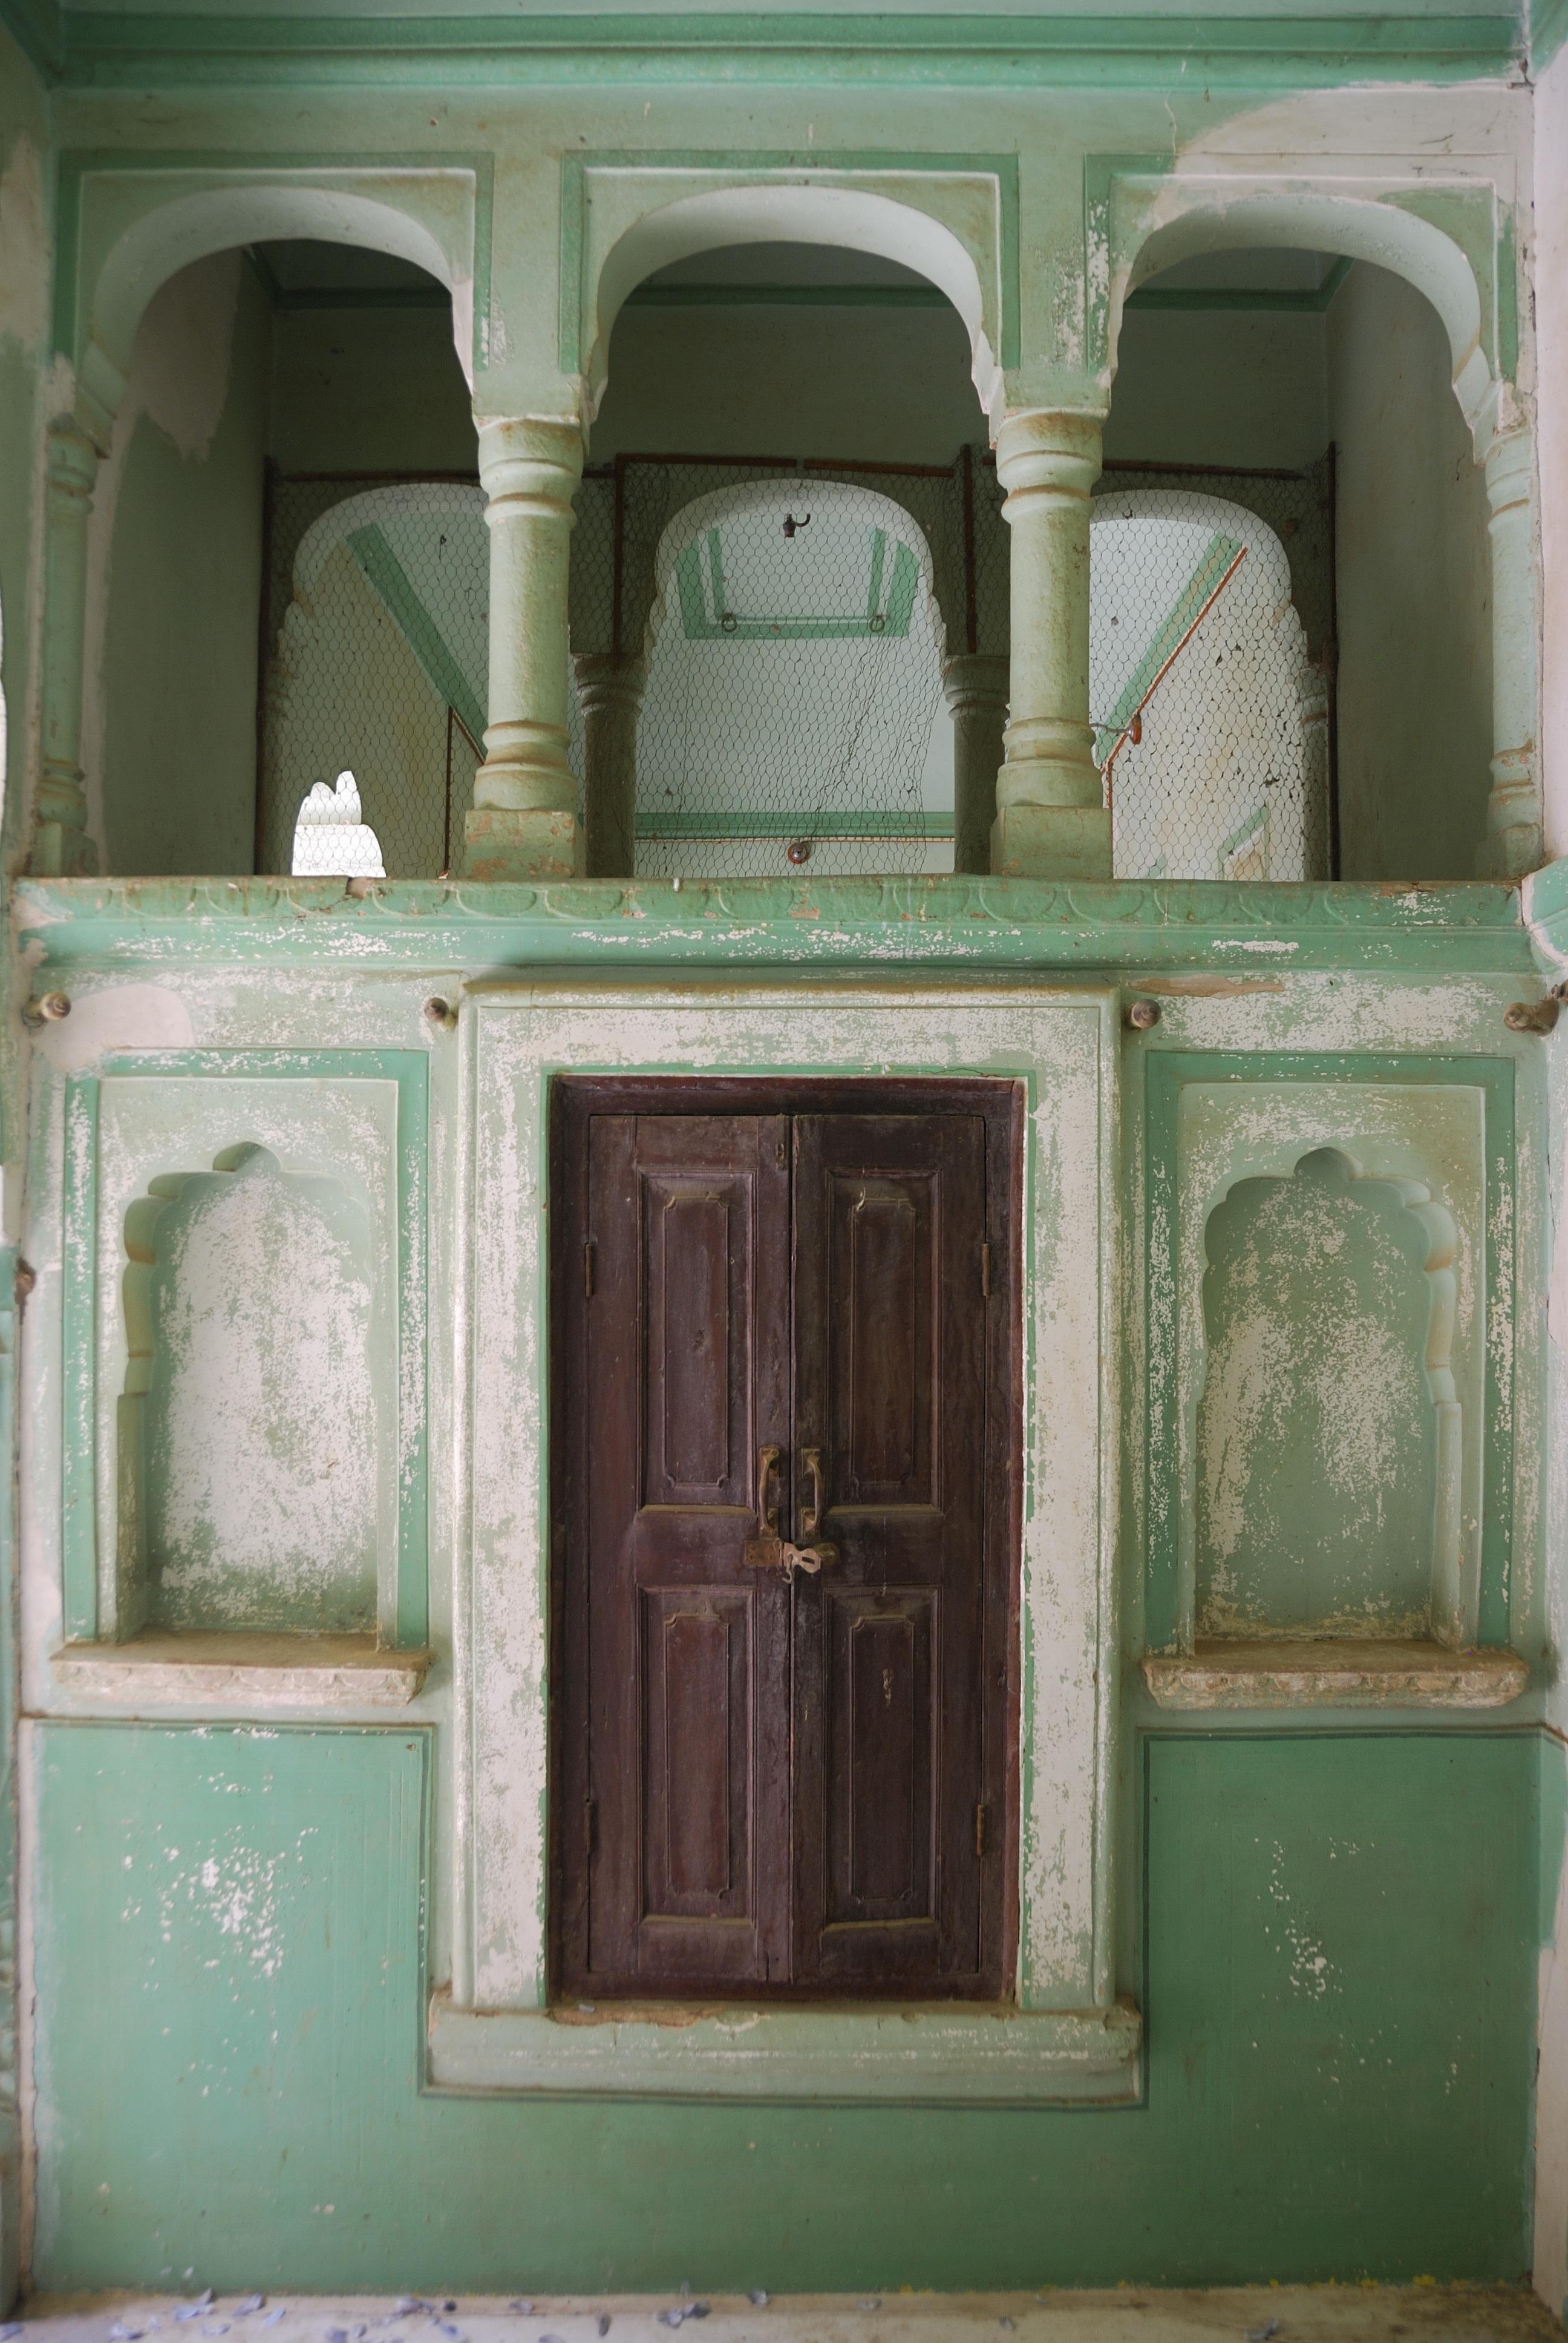 Kostenlose foto : Holz, Haus, Fenster, Palast, Reise, Grün, Asien ...